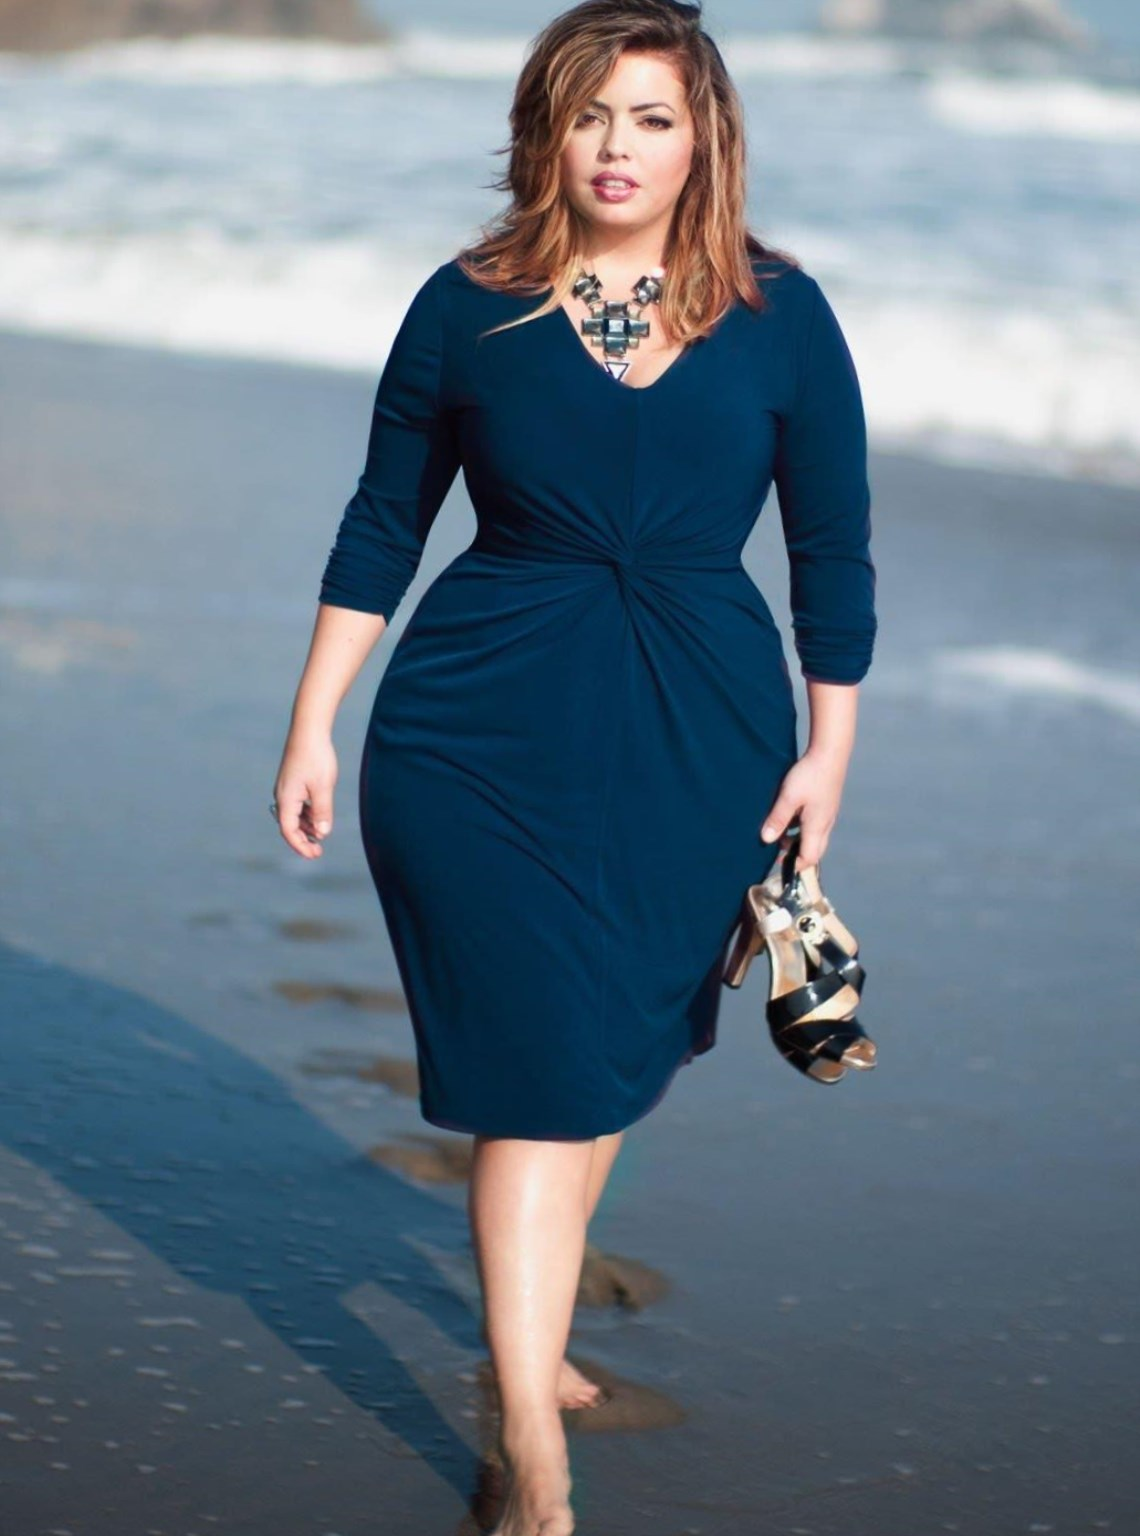 Синий цвет платья